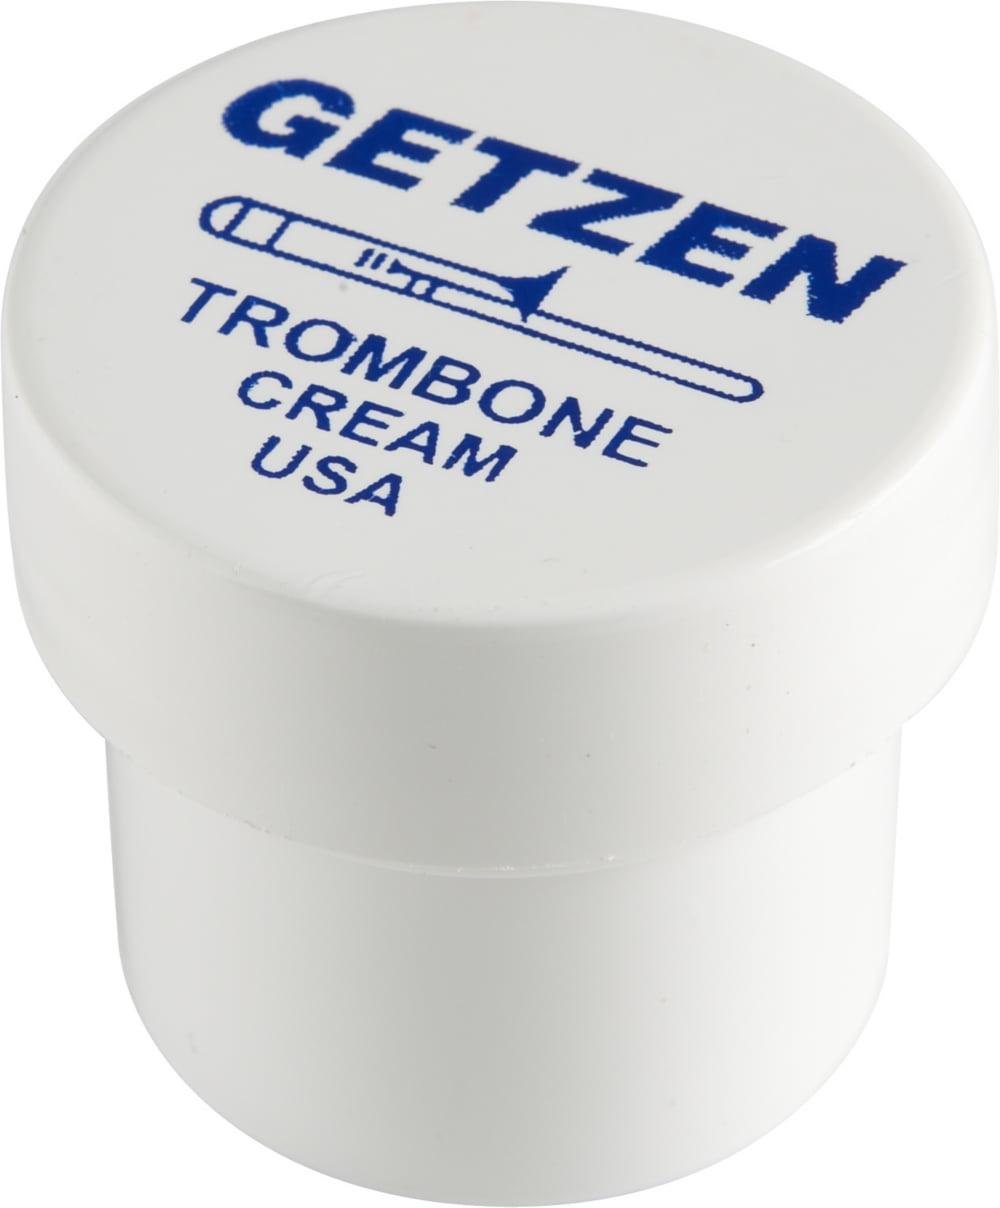 Getzen Trombone Slide Cream by Getzen